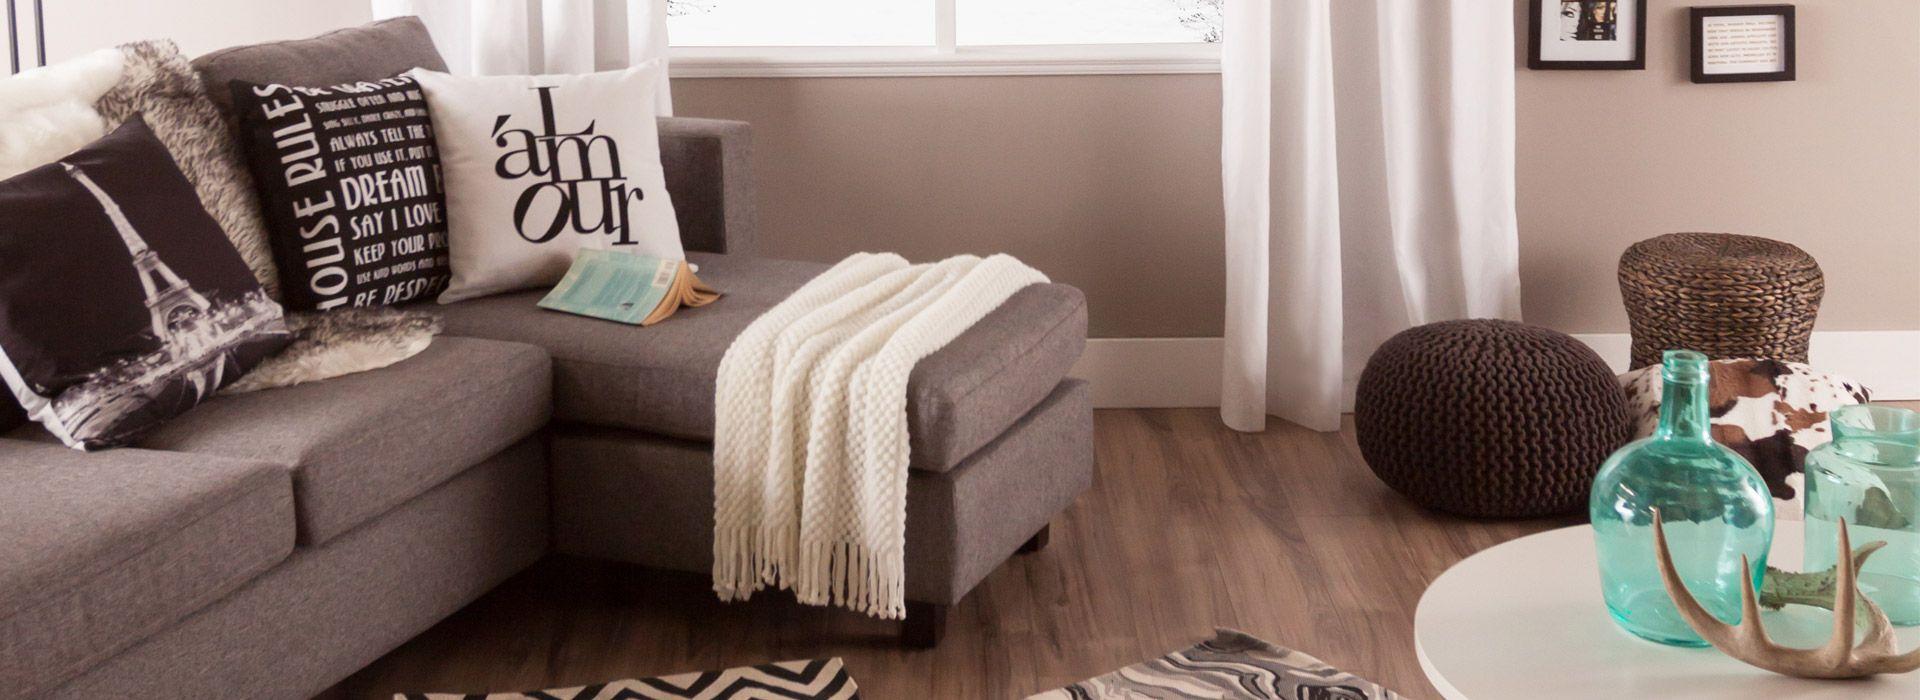 Good Home Decor Stores Calgary Ab